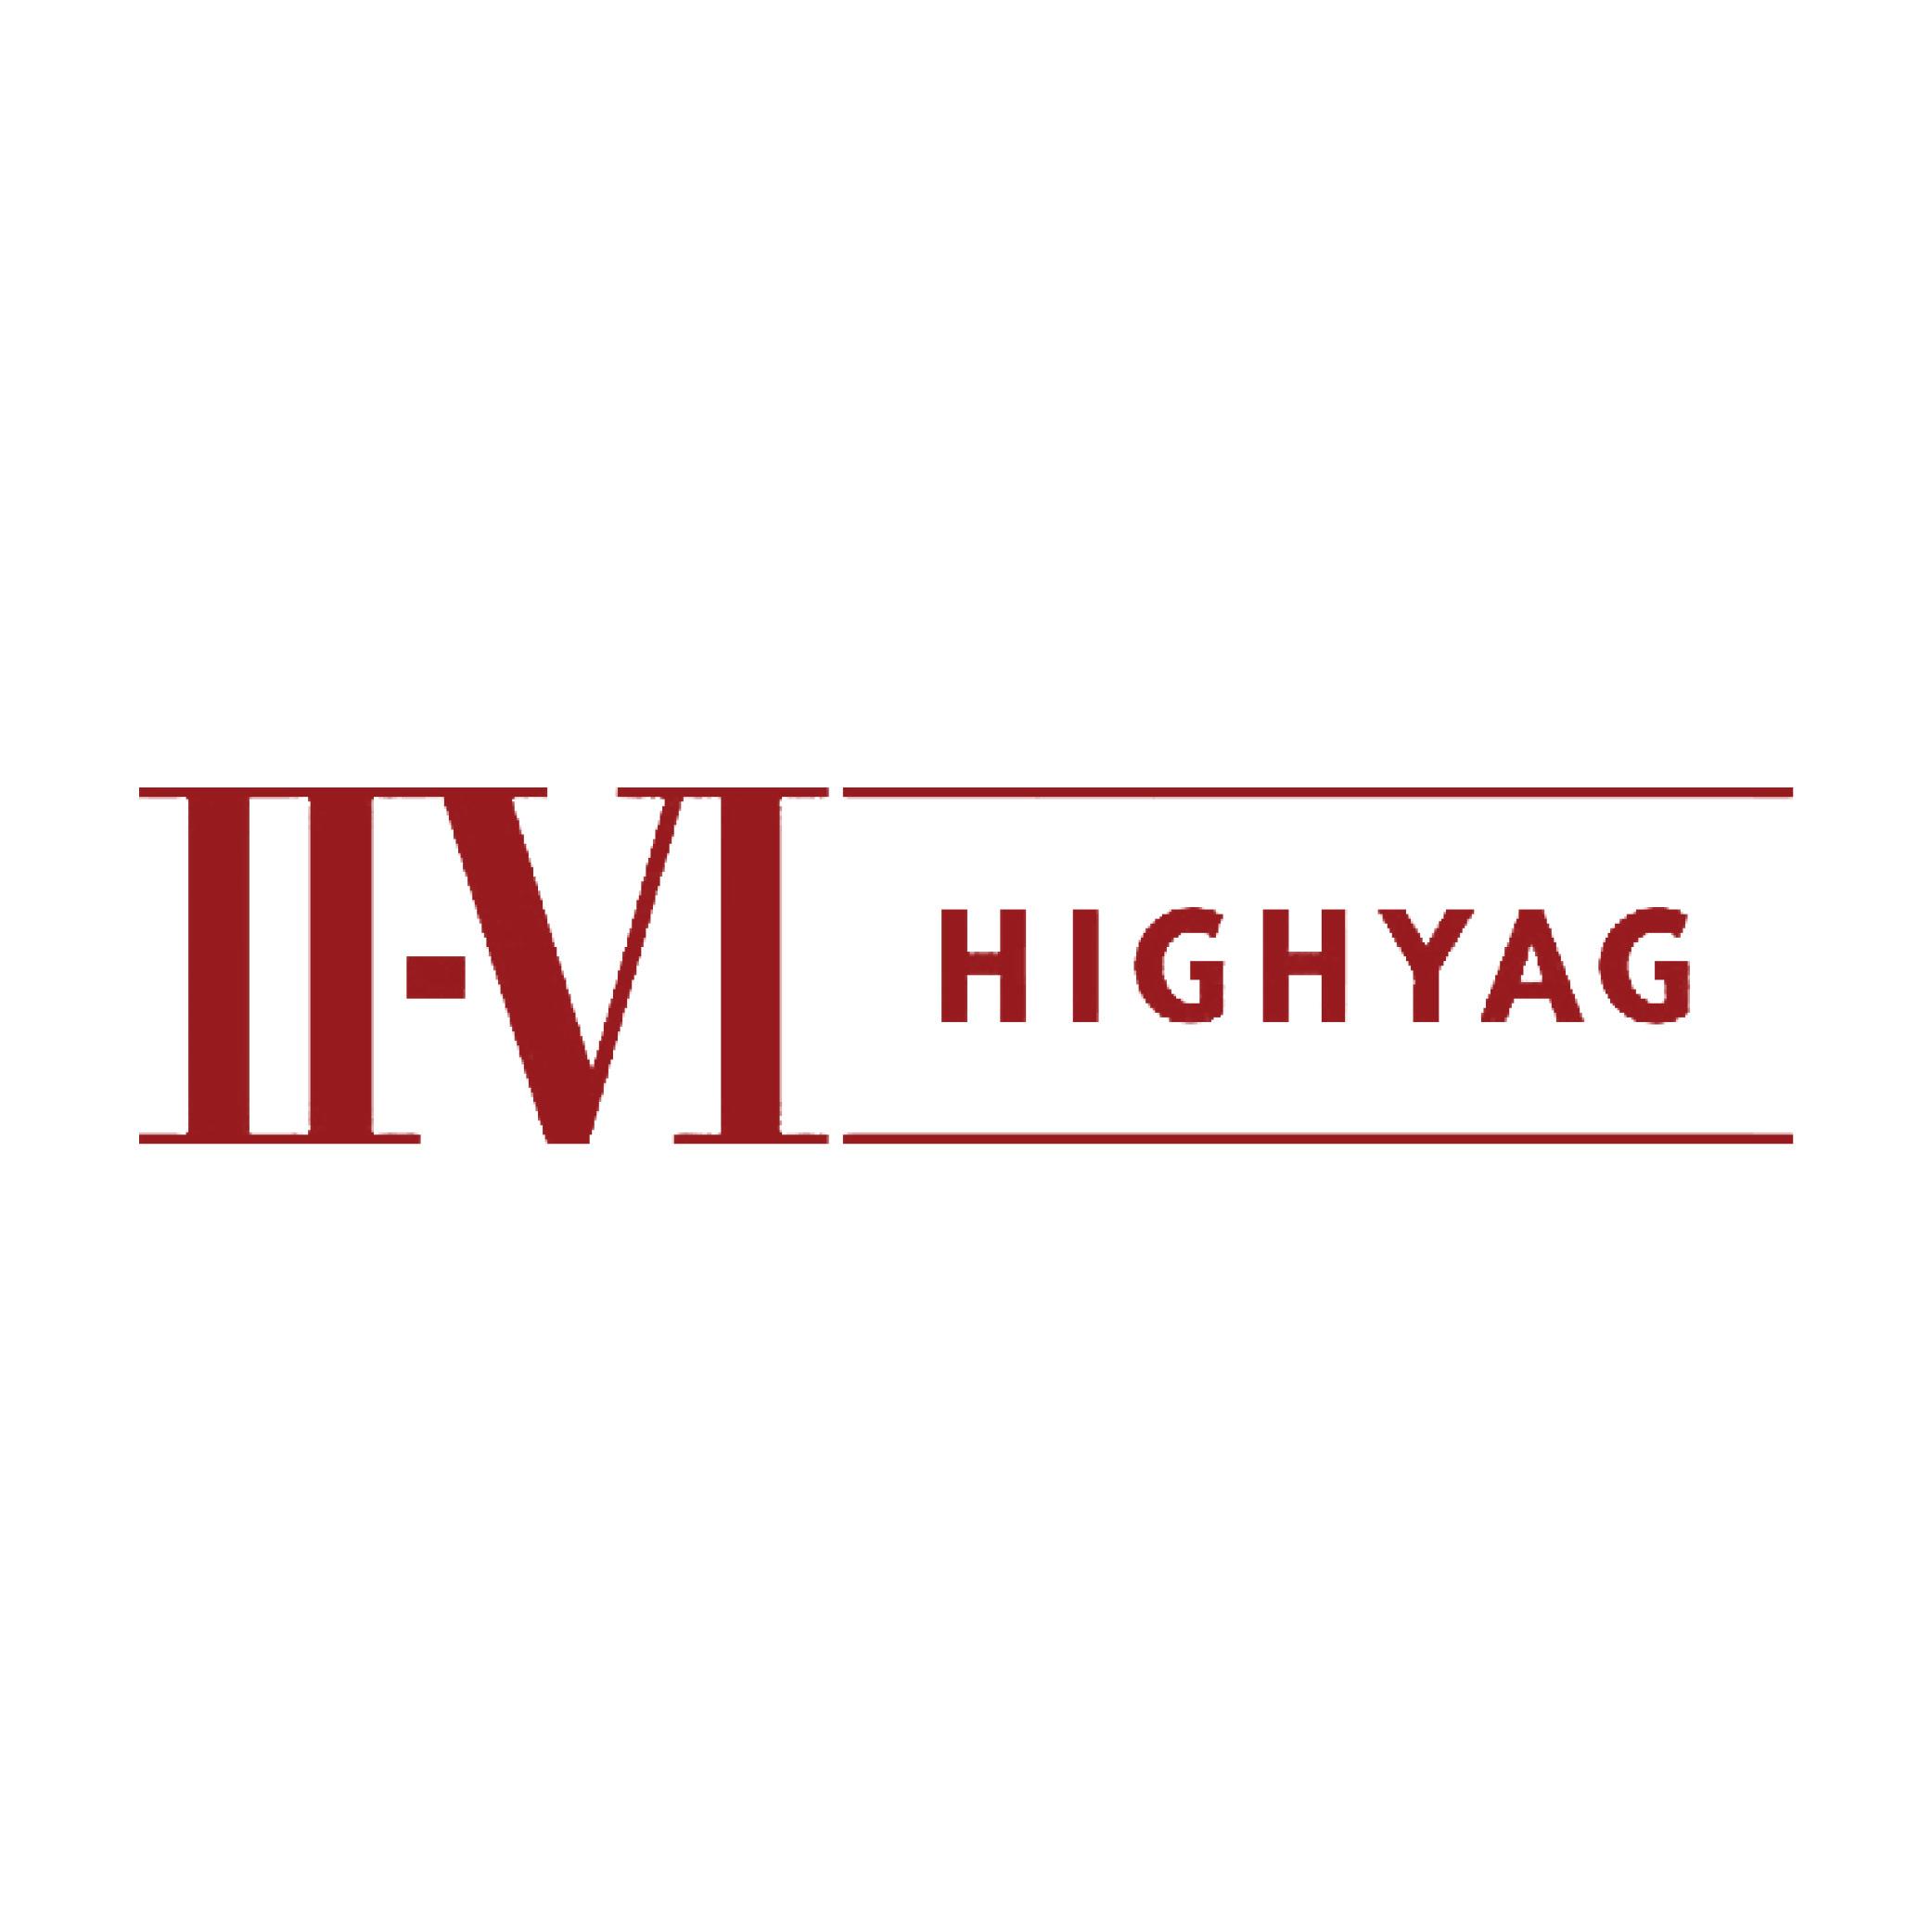 II-VI HIGHYAG